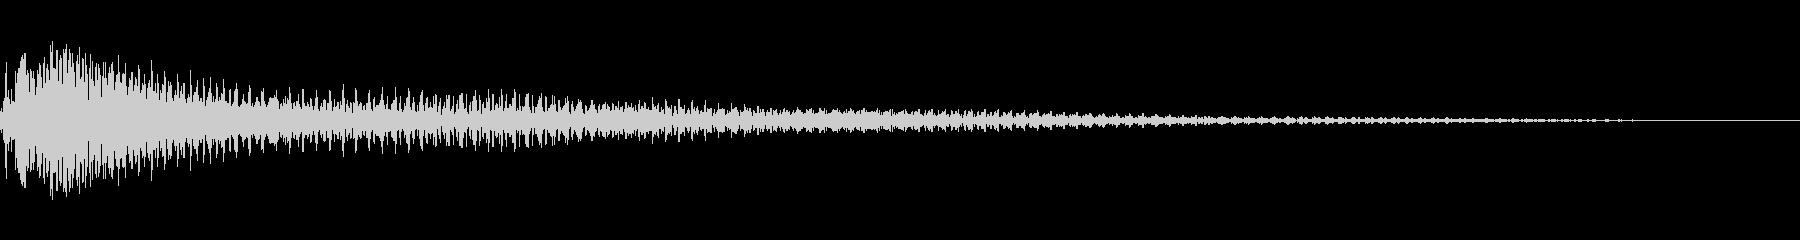 オーケストラサスペンスアクセント7の未再生の波形